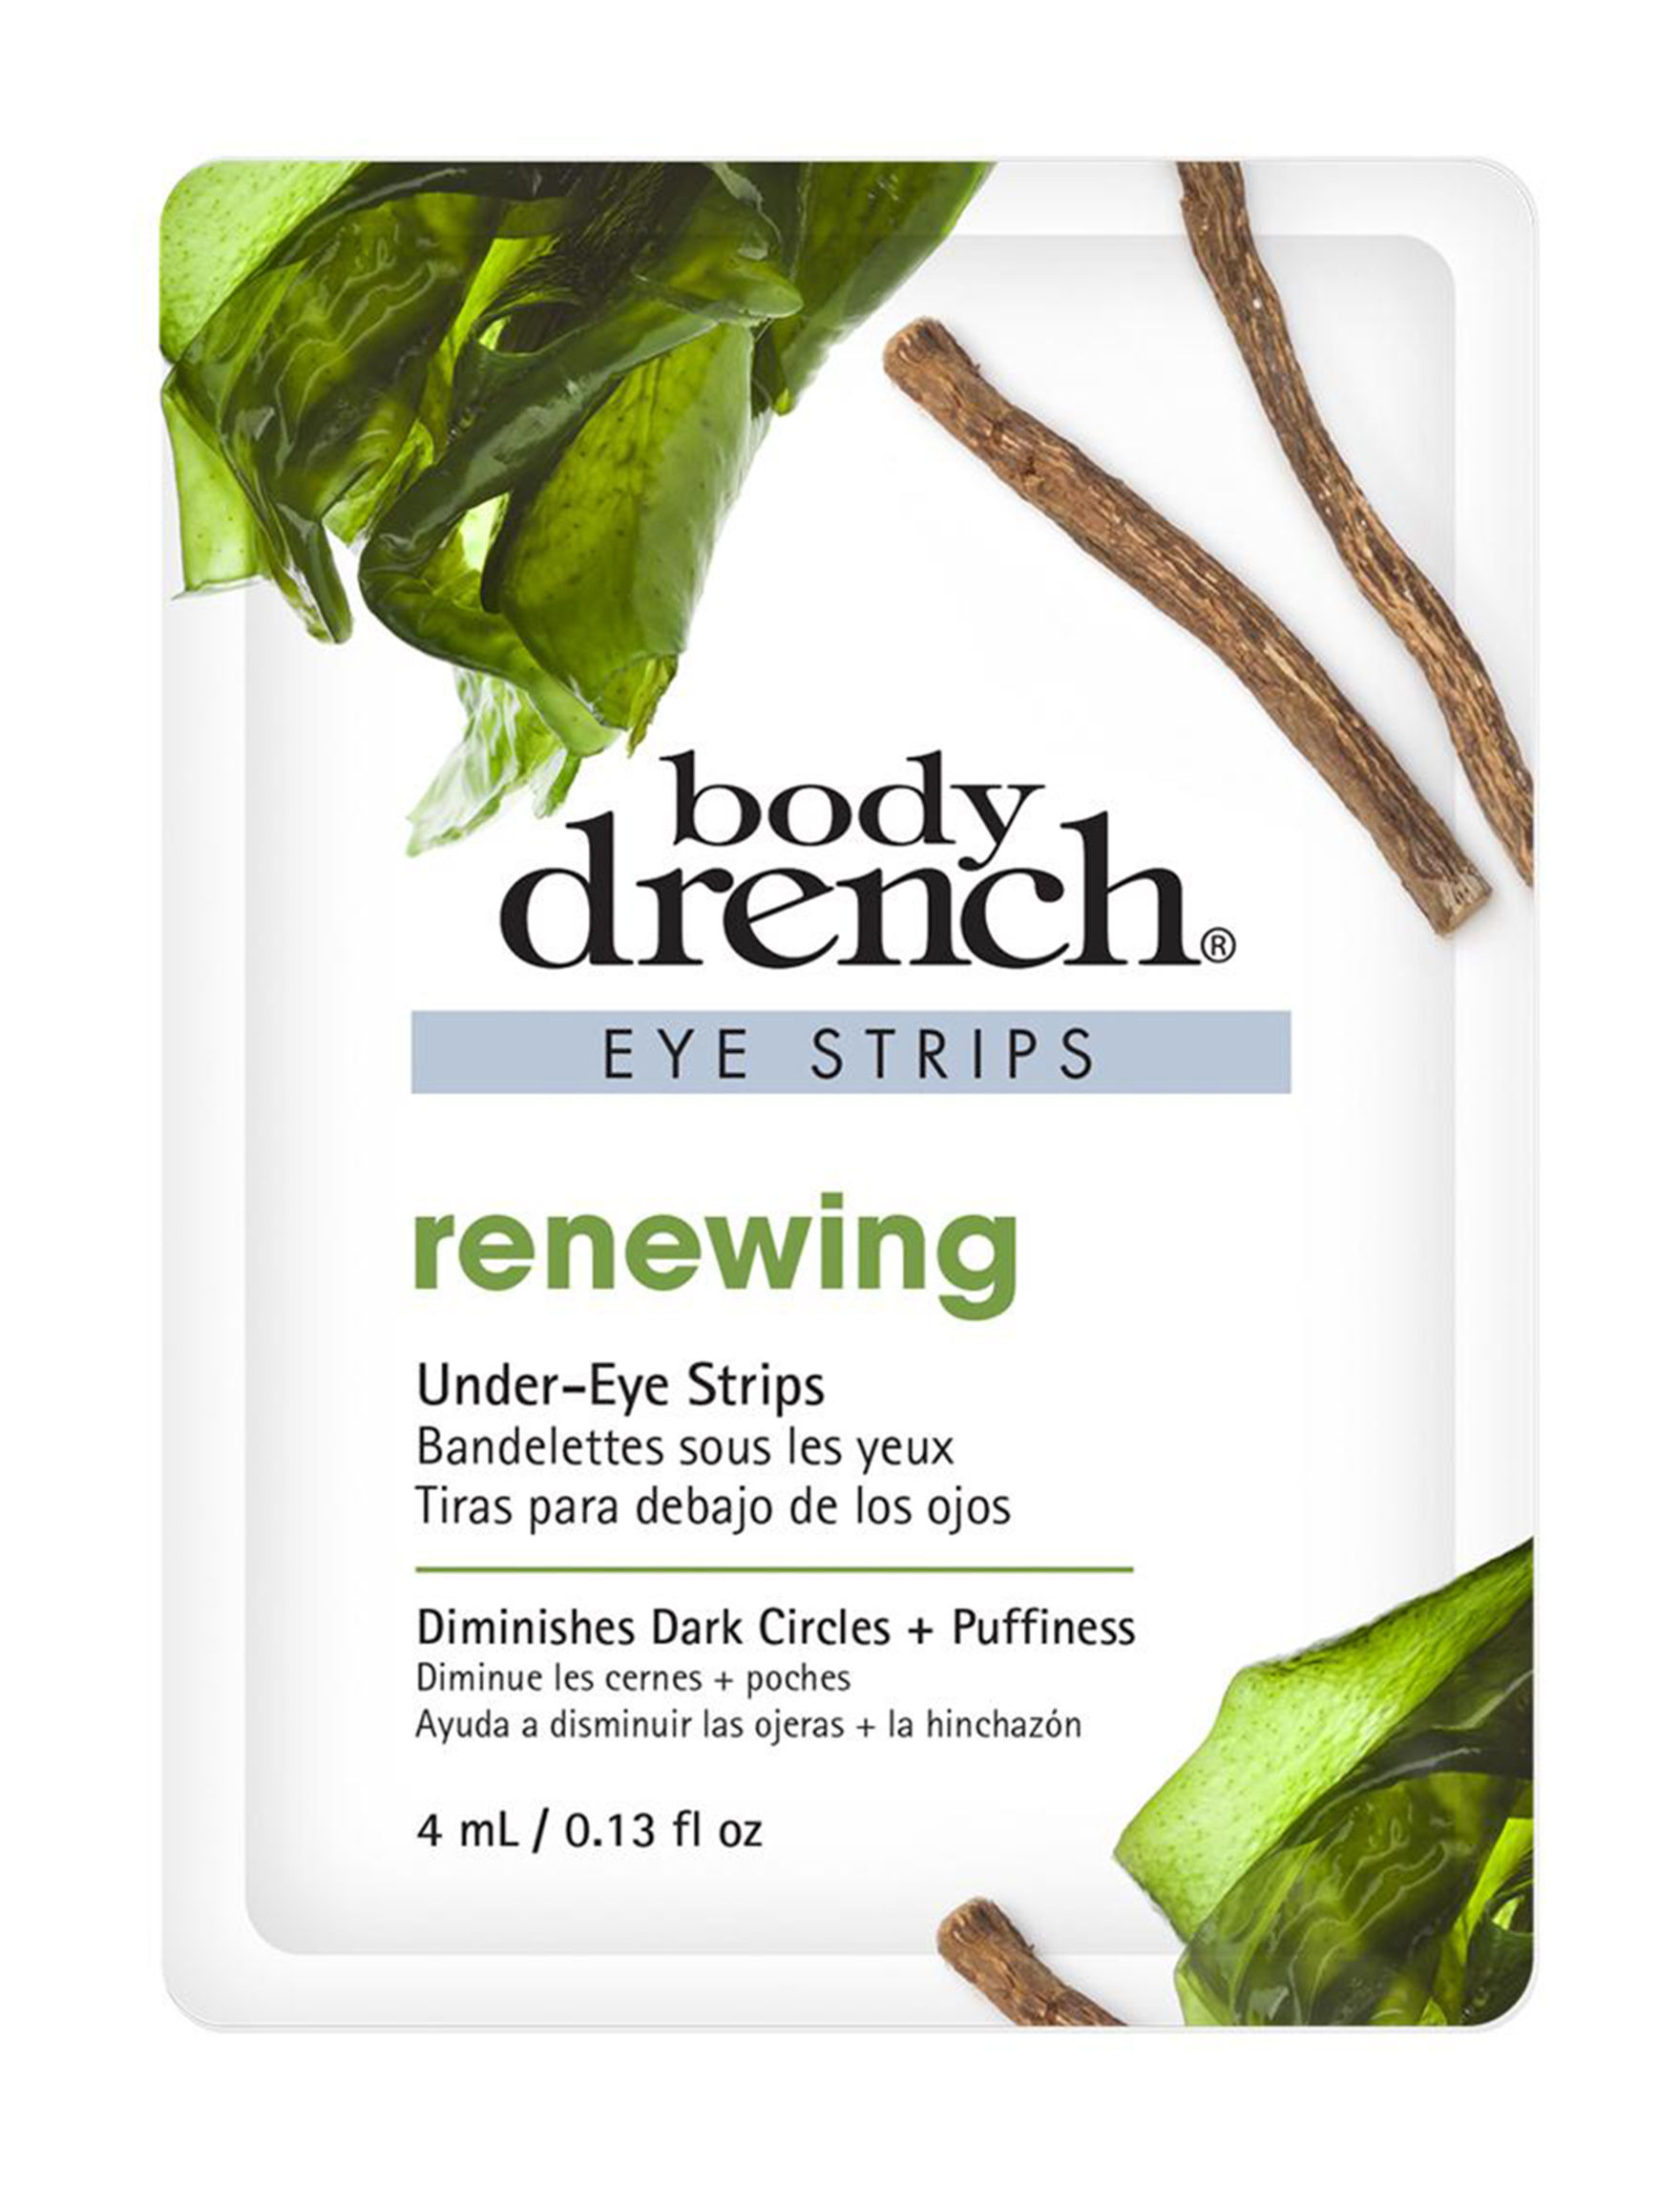 Body Drench  Eye Care